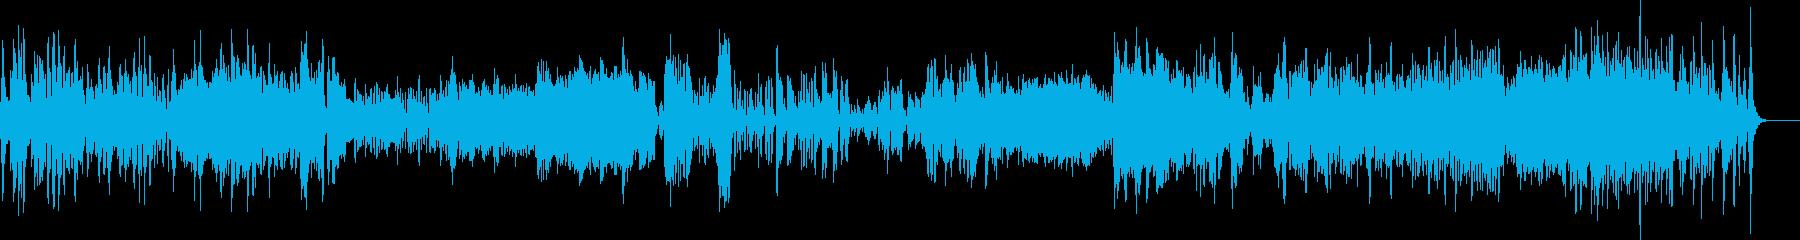 元気が出るピアノソナタの再生済みの波形